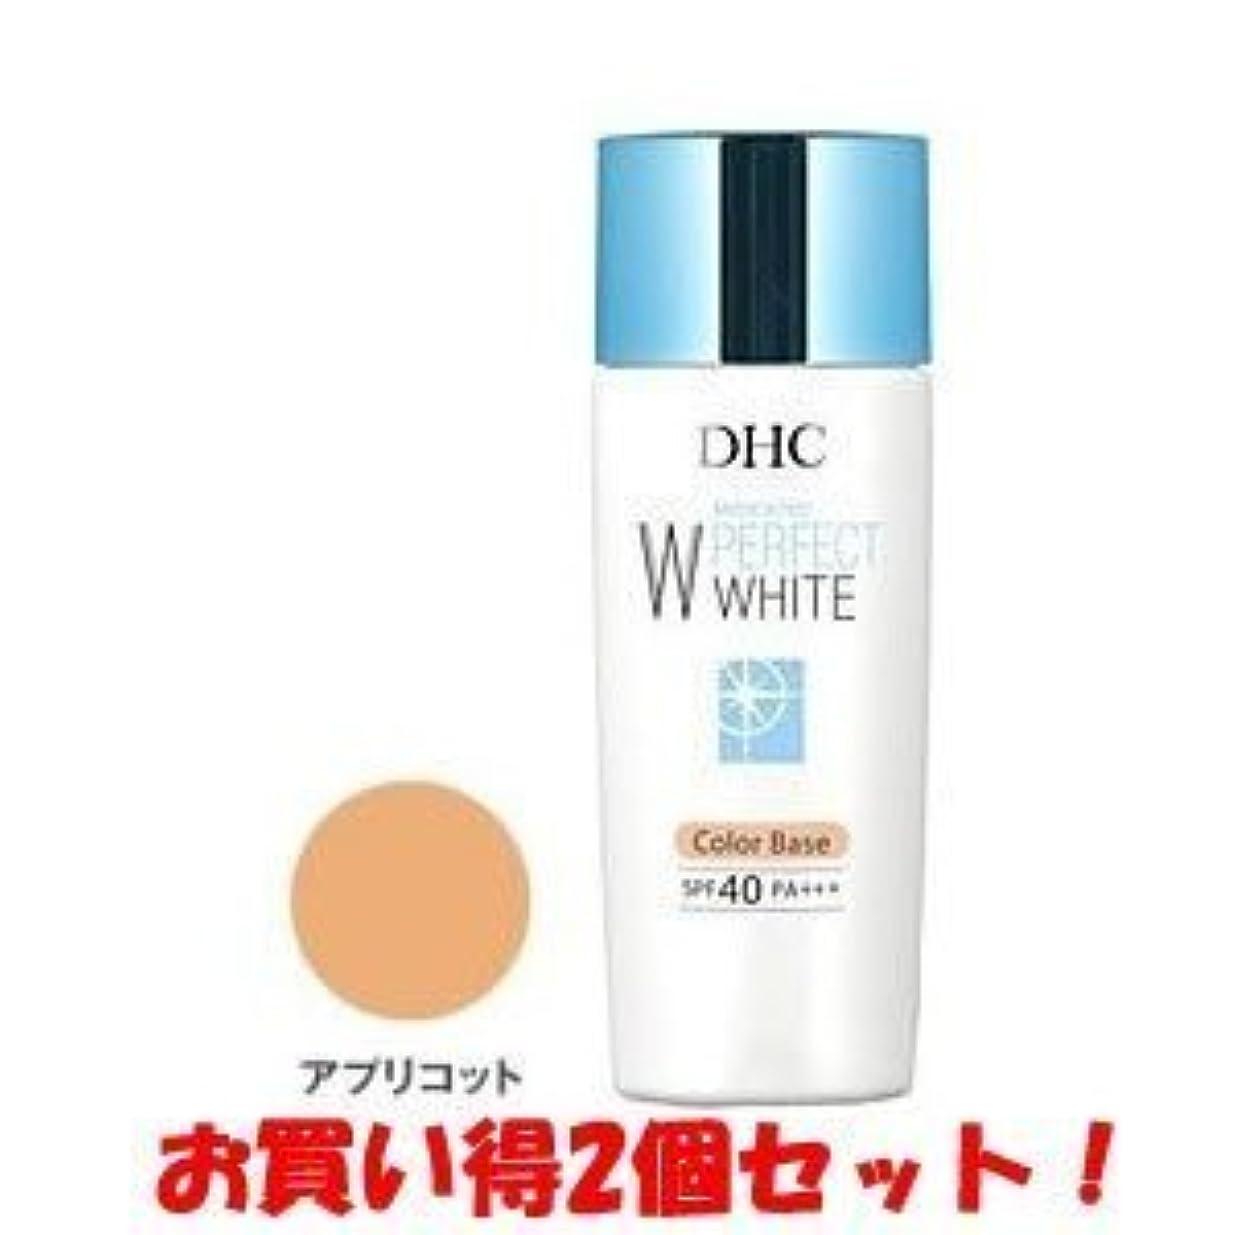 バックグラウンド有益なプレフィックスDHC 薬用パーフェクトホワイト カラーベース アプリコット 30g(医薬部外品)(お買い得2個セット)